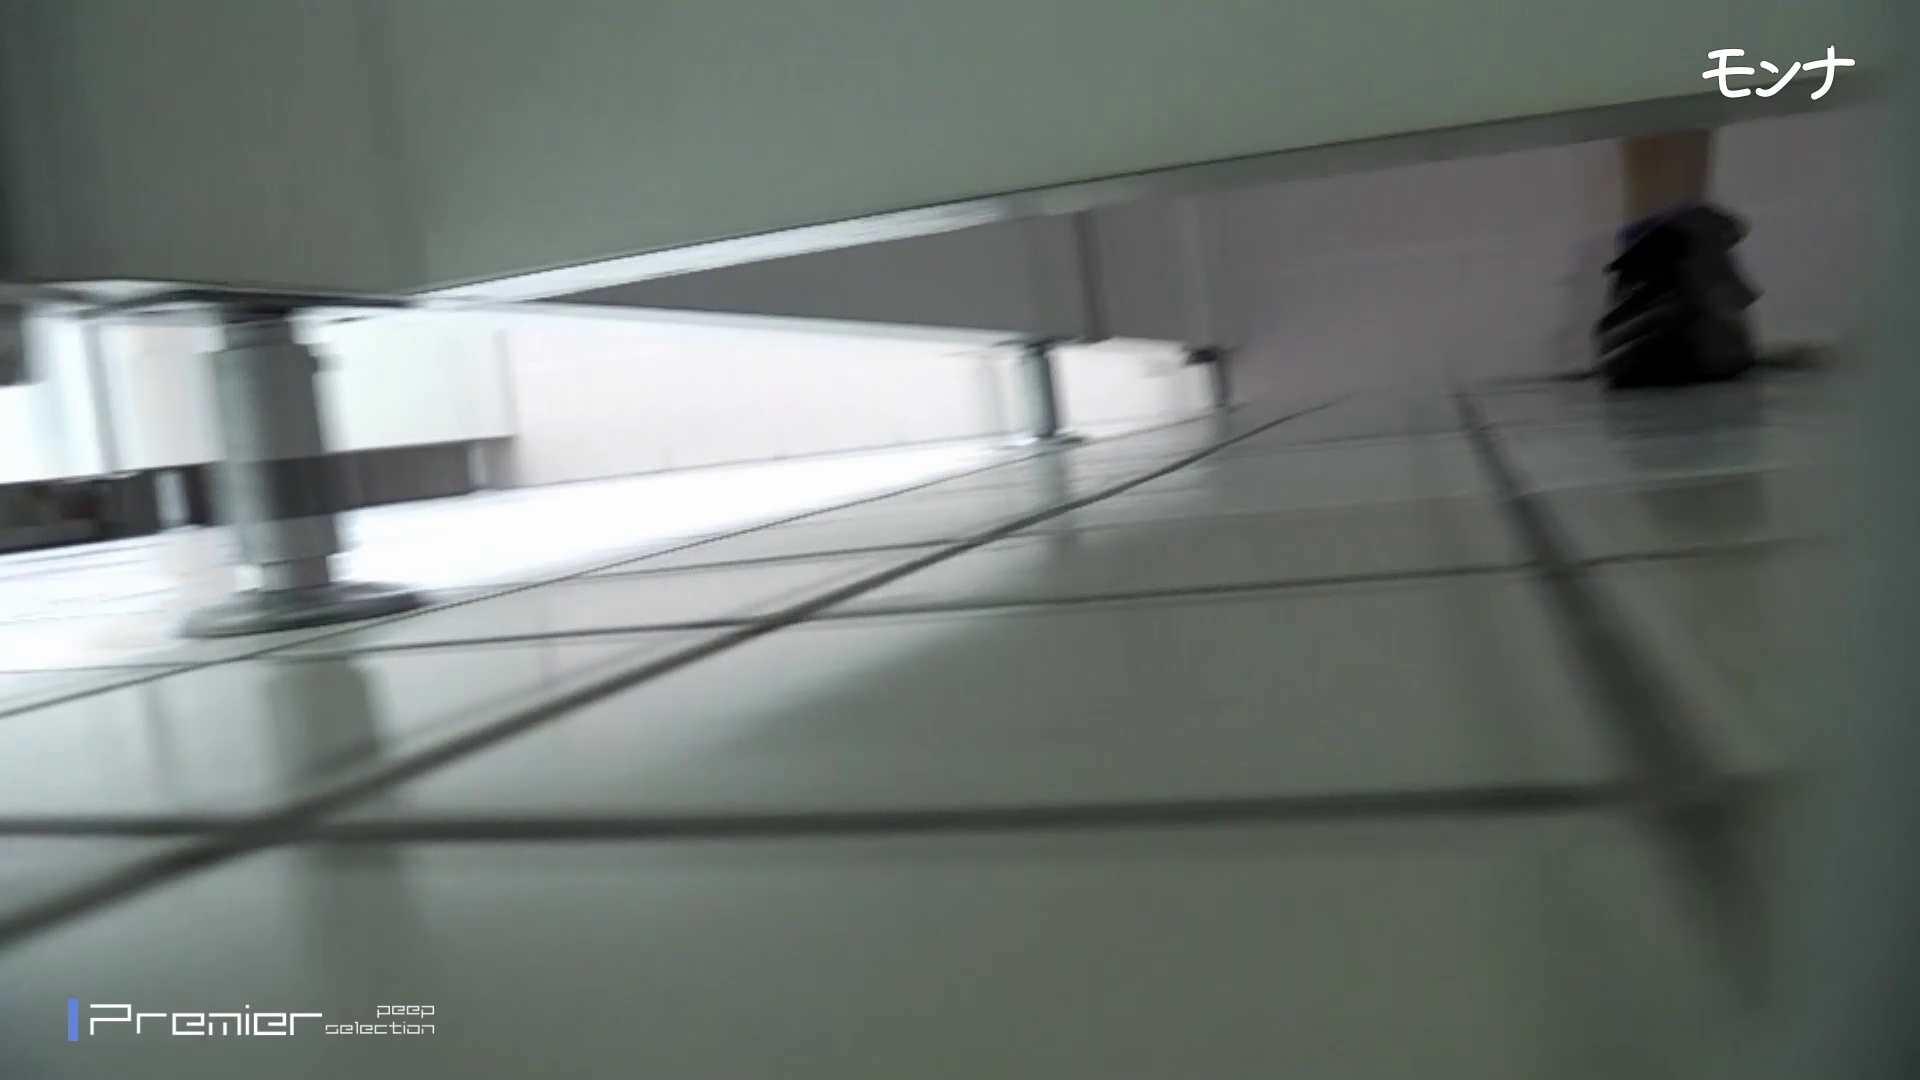 美しい日本の未来 No.77 聖職者のような清楚さを持ち合わせながら… 盗撮で悶絶 AV動画キャプチャ 106画像 9